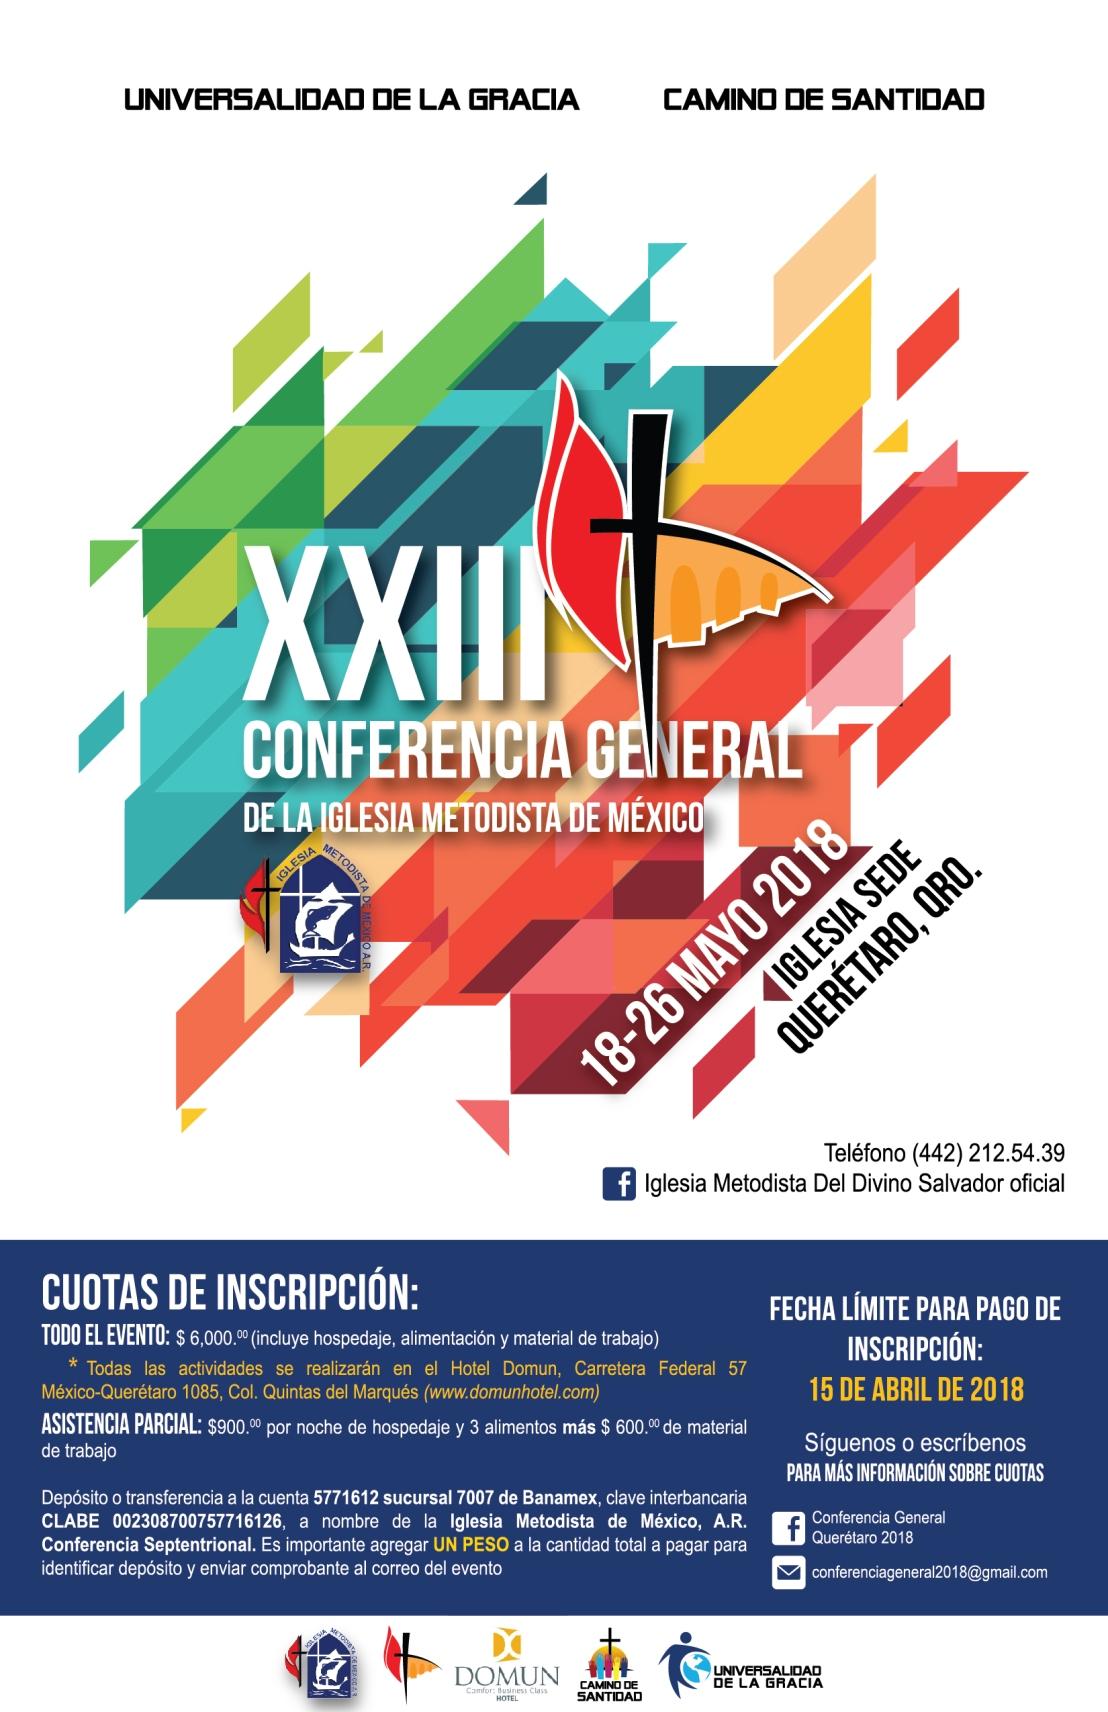 2. XXIII Conferencia General de la IMMAR